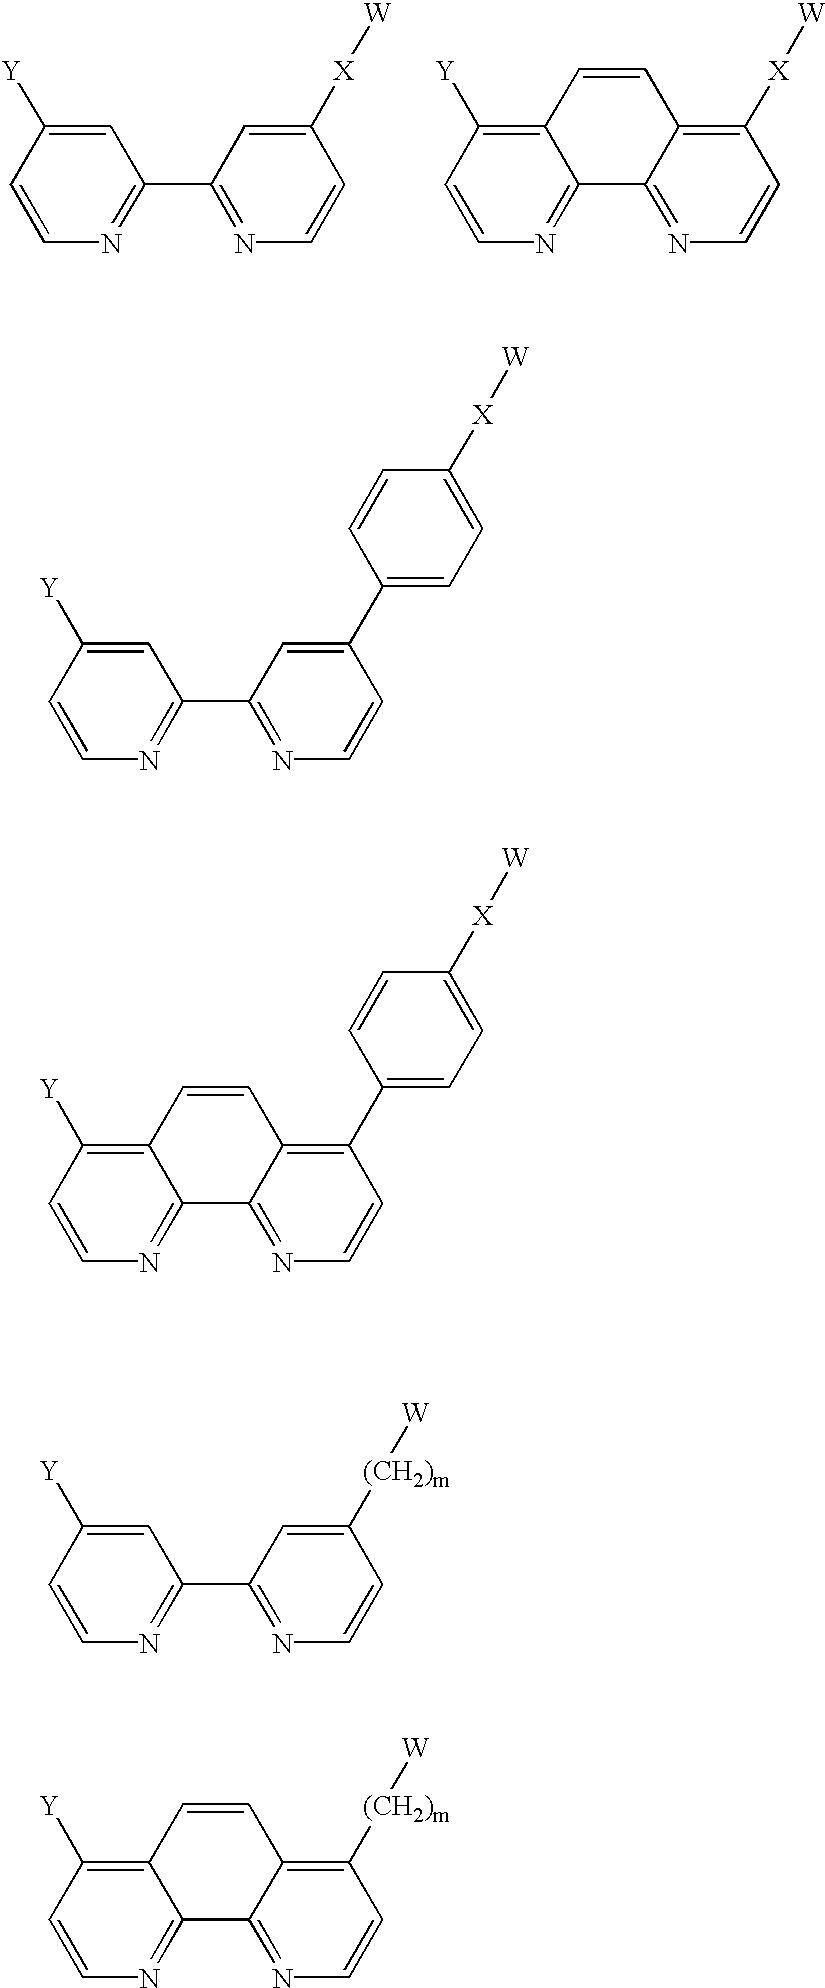 Figure US06808939-20041026-C00004